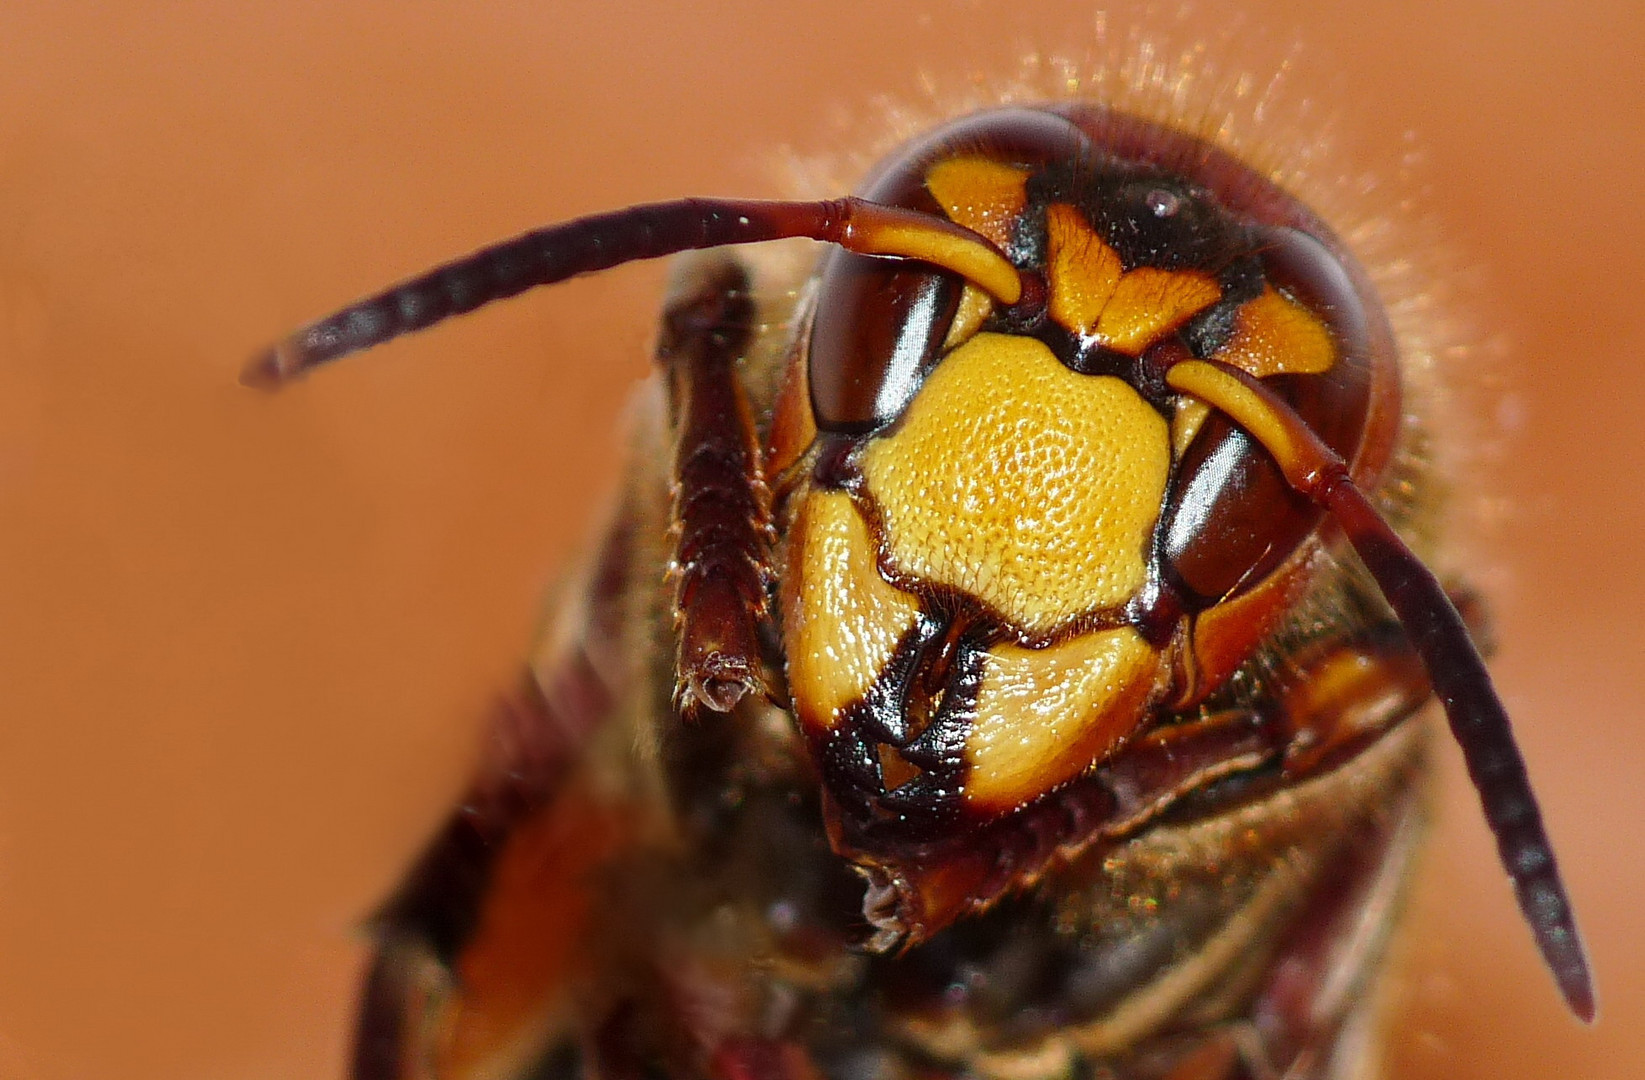 Hornet's face